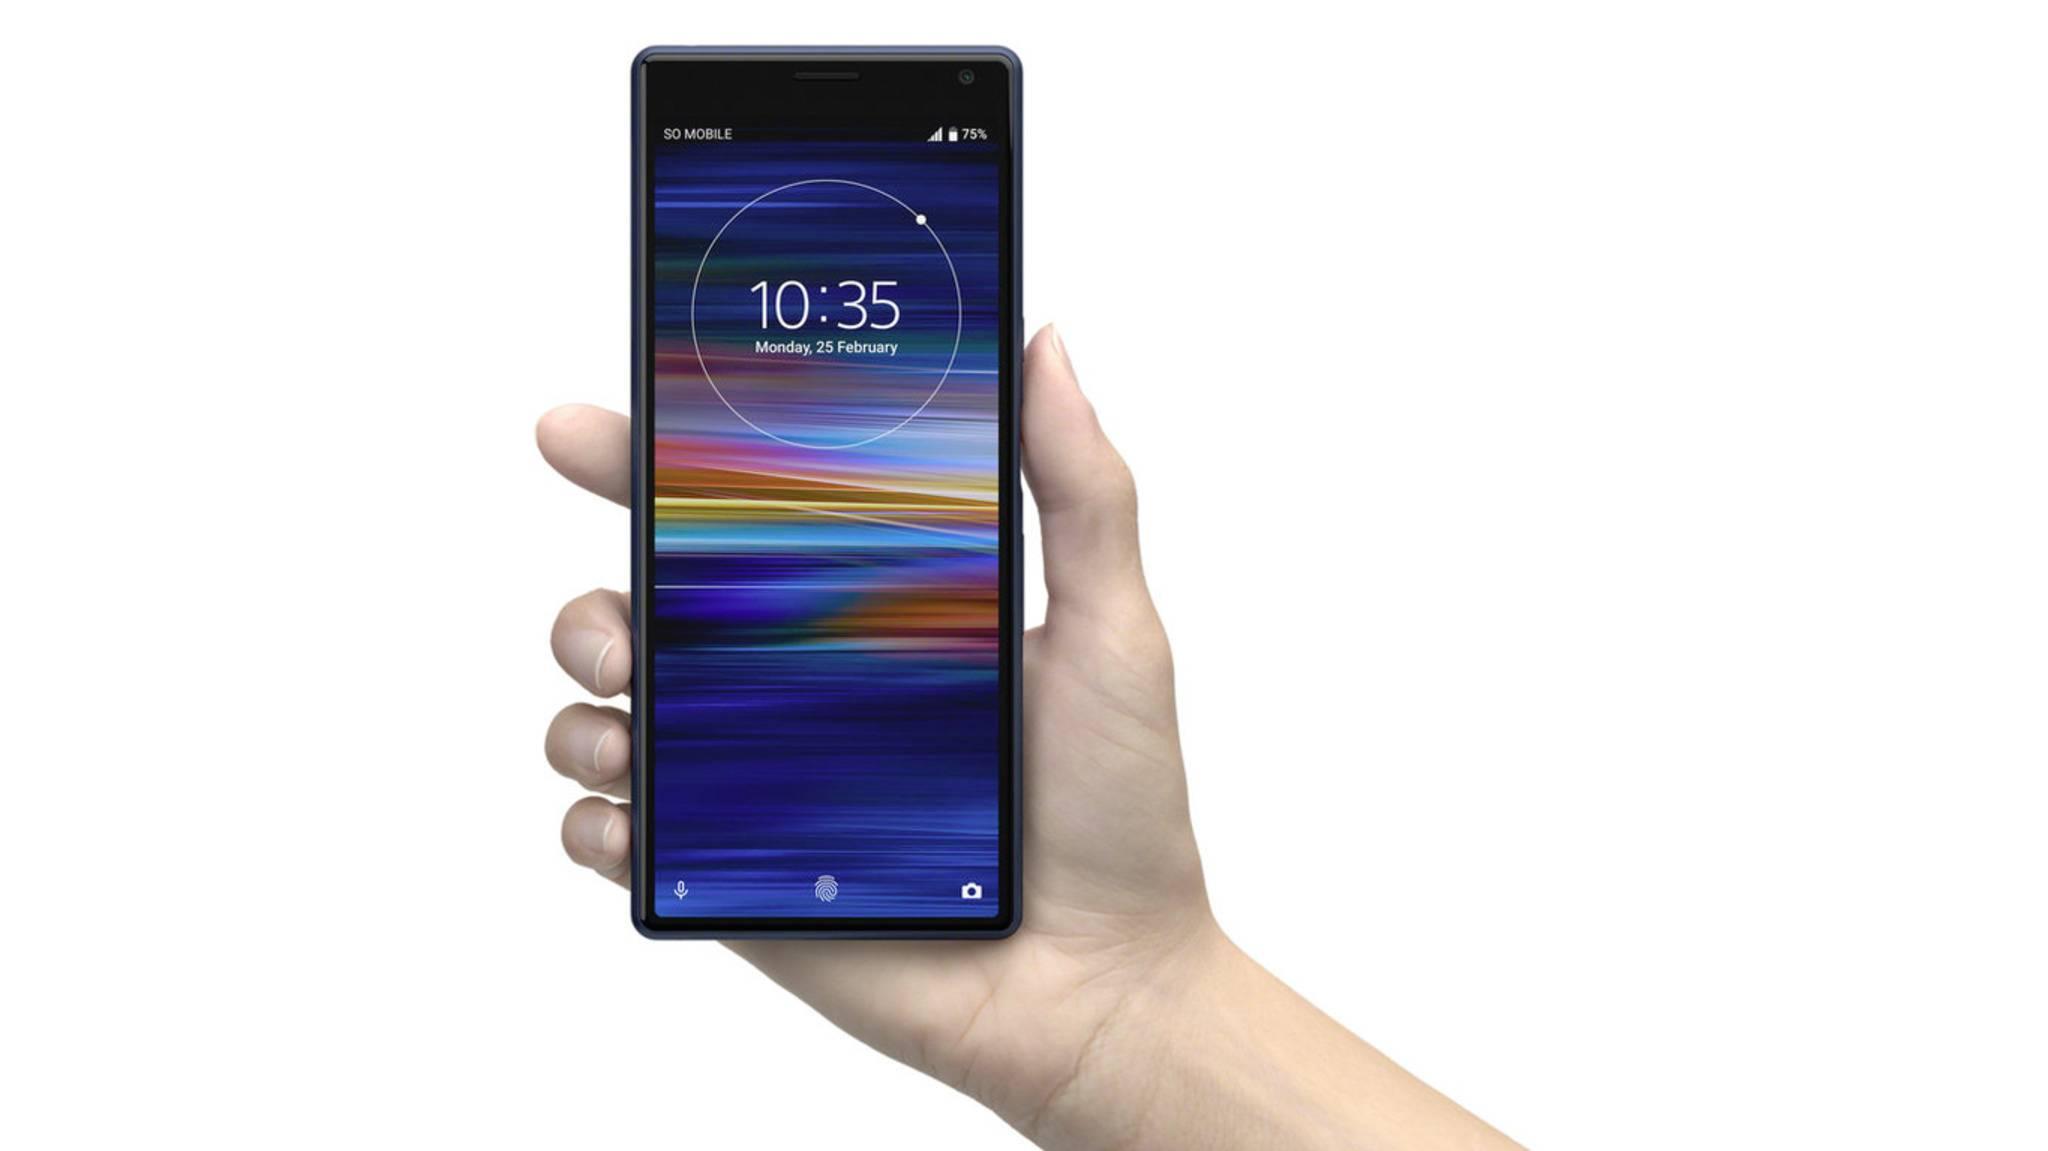 Sony-Smartphones wie das Xperia 10 wird es weiterhin geben.